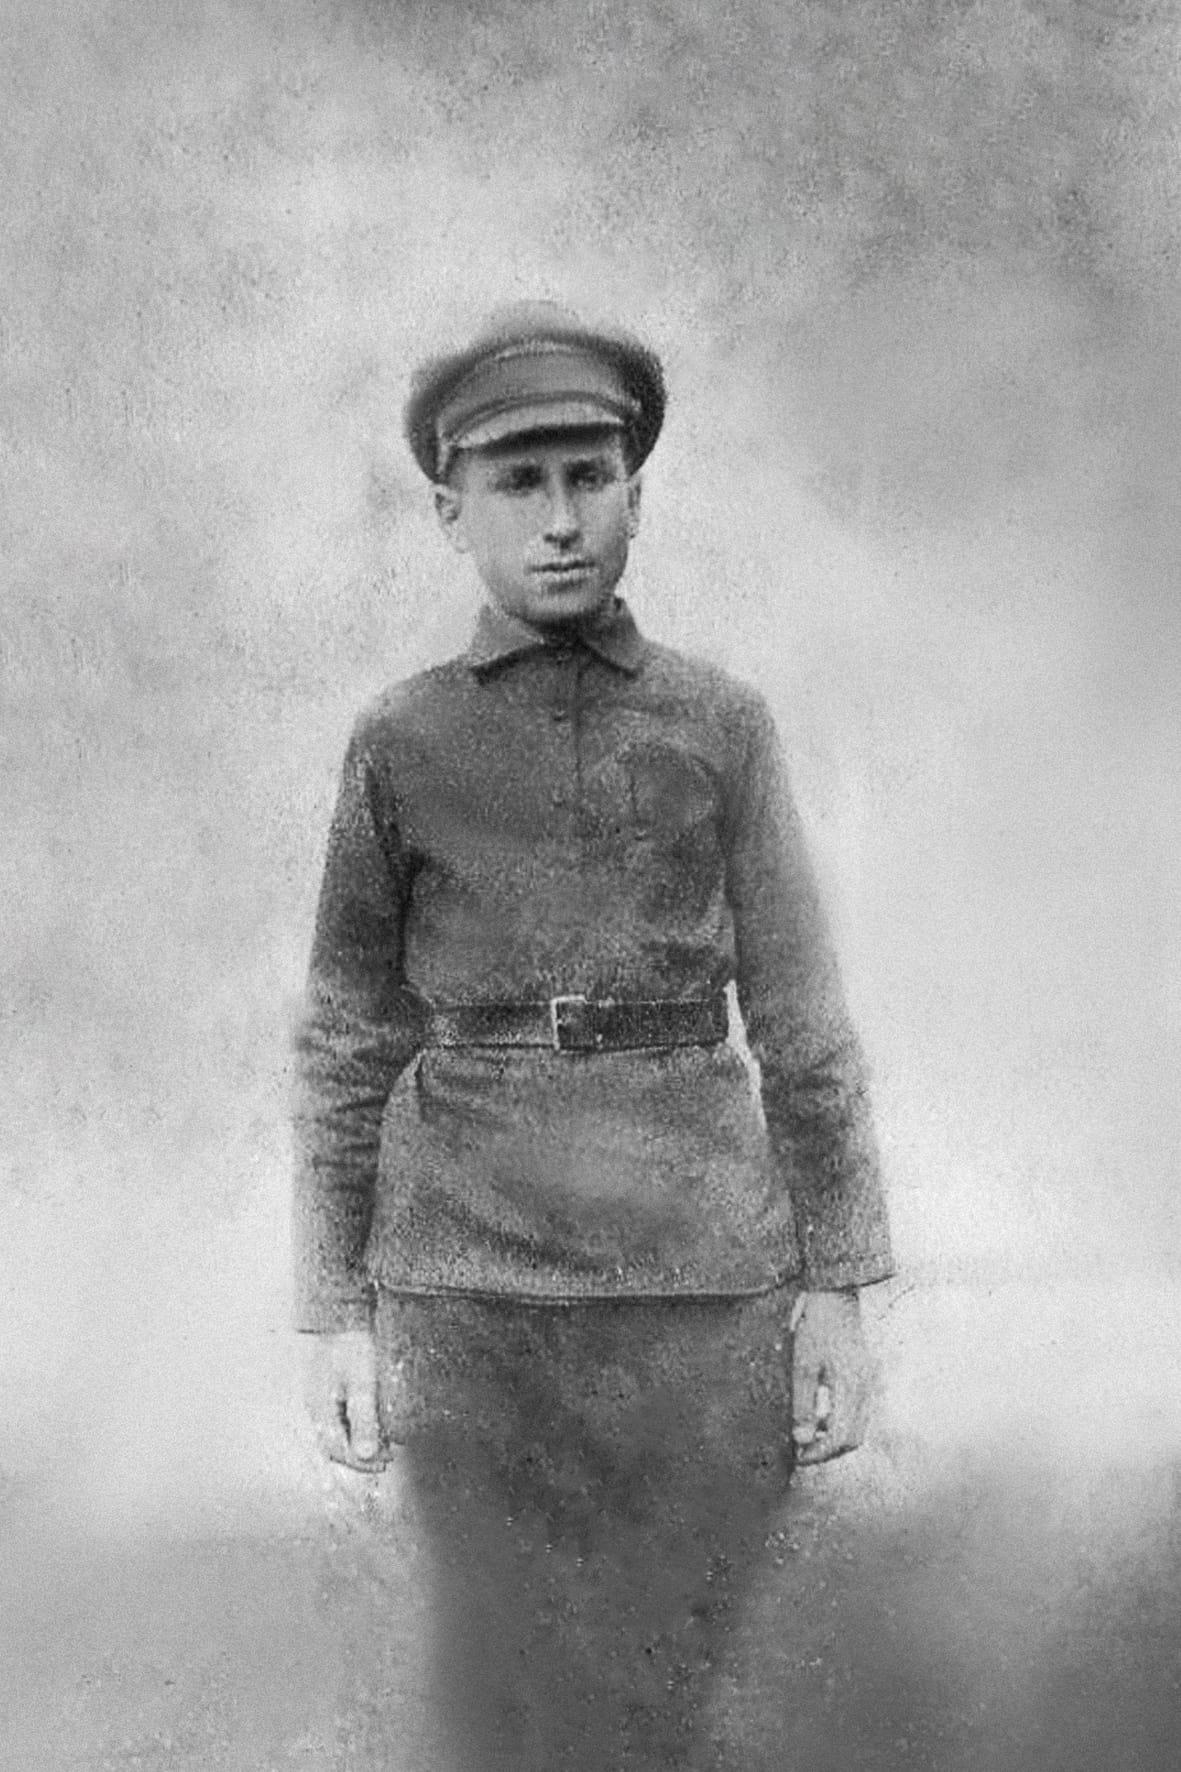 Экспонат #2. Иосиф Хмельницкий — студент Владимирского высшего начального училища в Петрограде